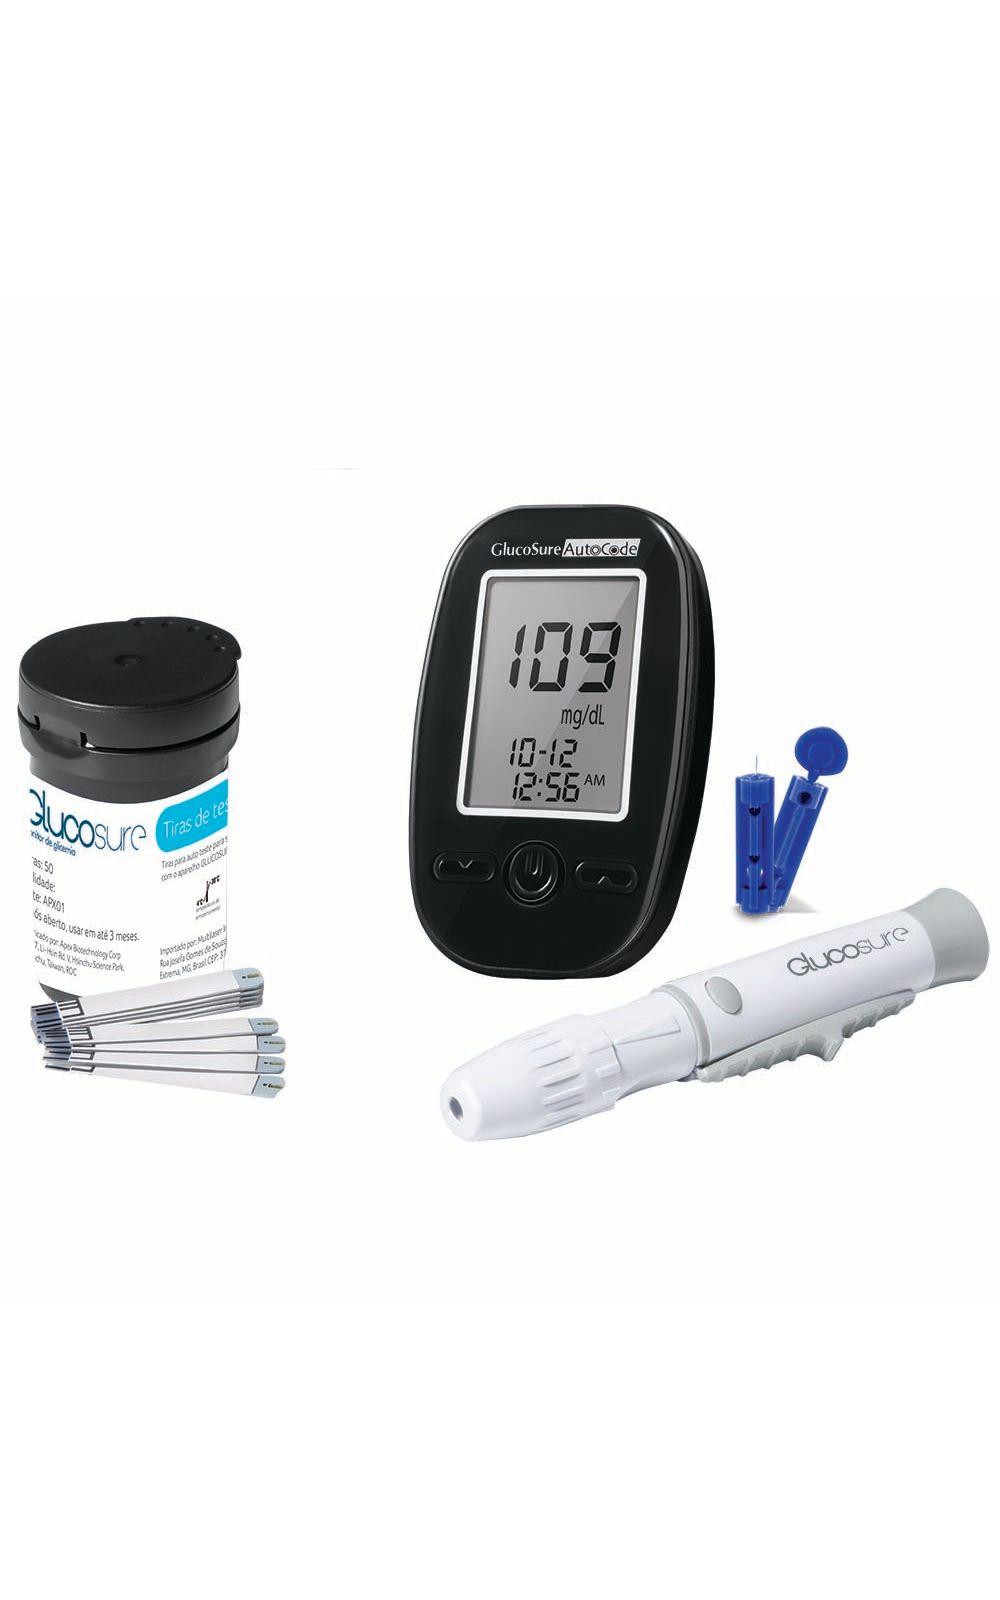 Foto 1 - Kit de 100 Tiras de Glicemia + Monitor de Glicemia GLUCOSURE Auto Code + Lancetador + Lancetas e Bolsa para Transporte Multilaser - HC160